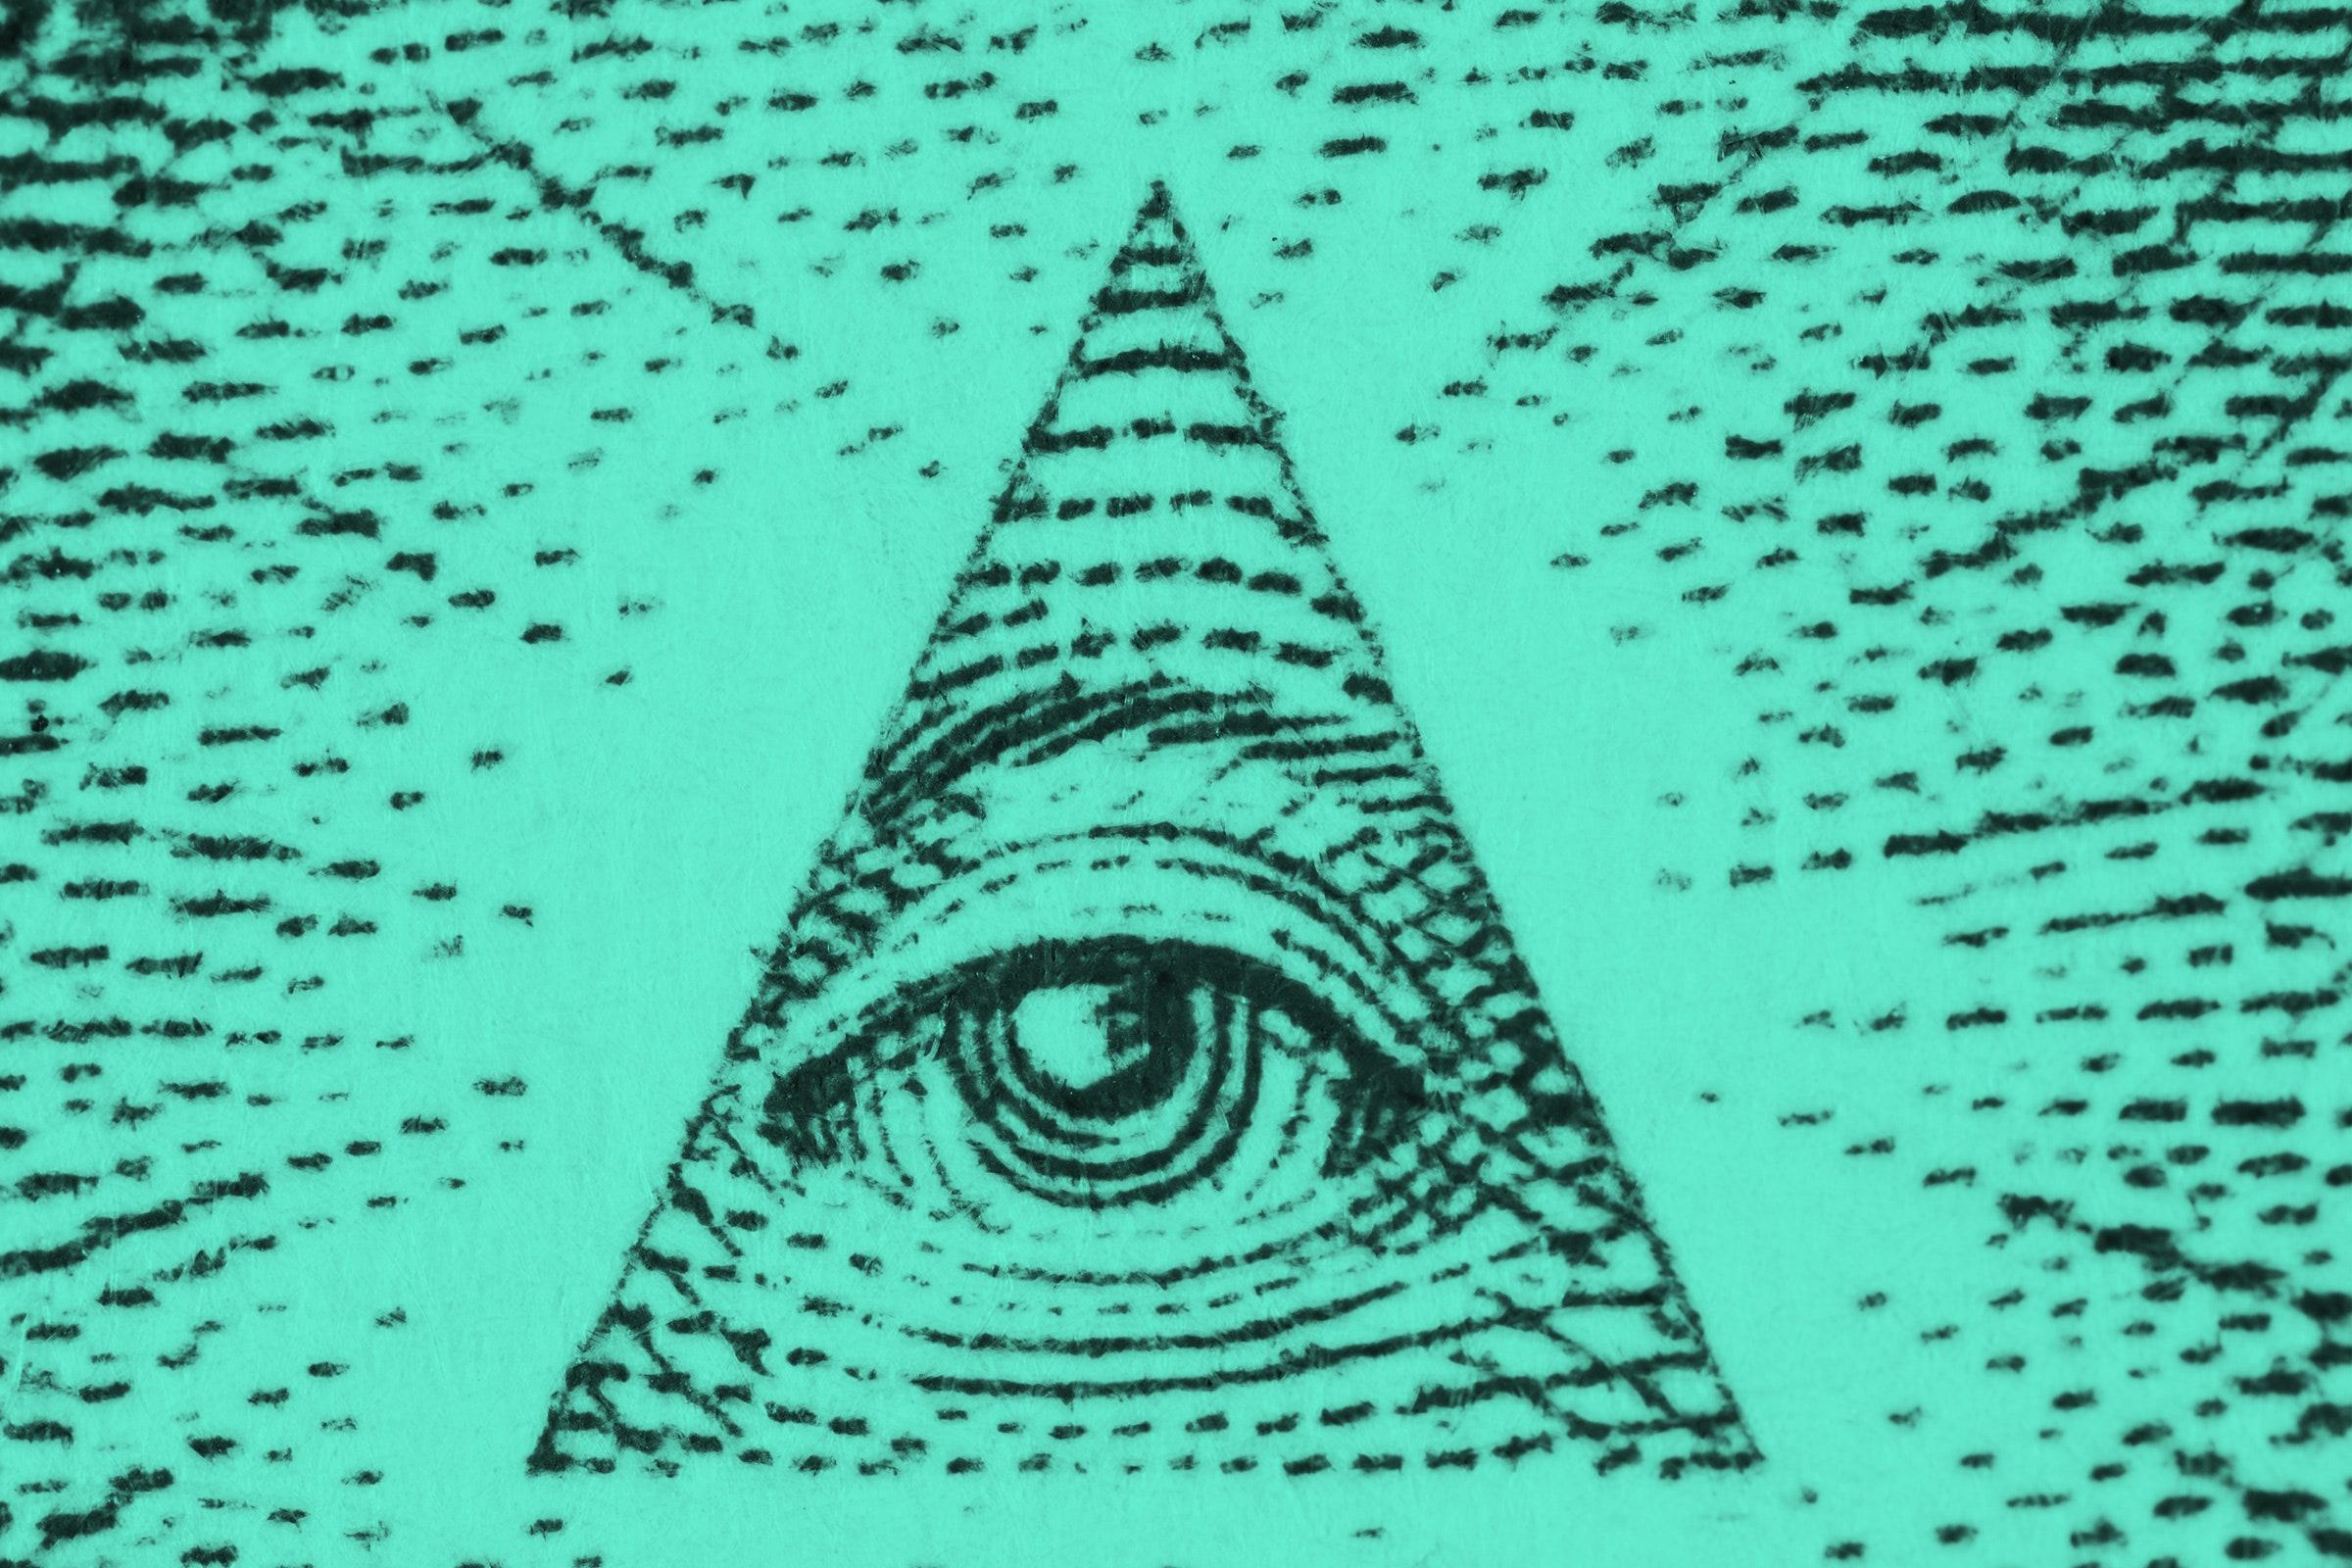 Conspiracy Theories The Great Awakening